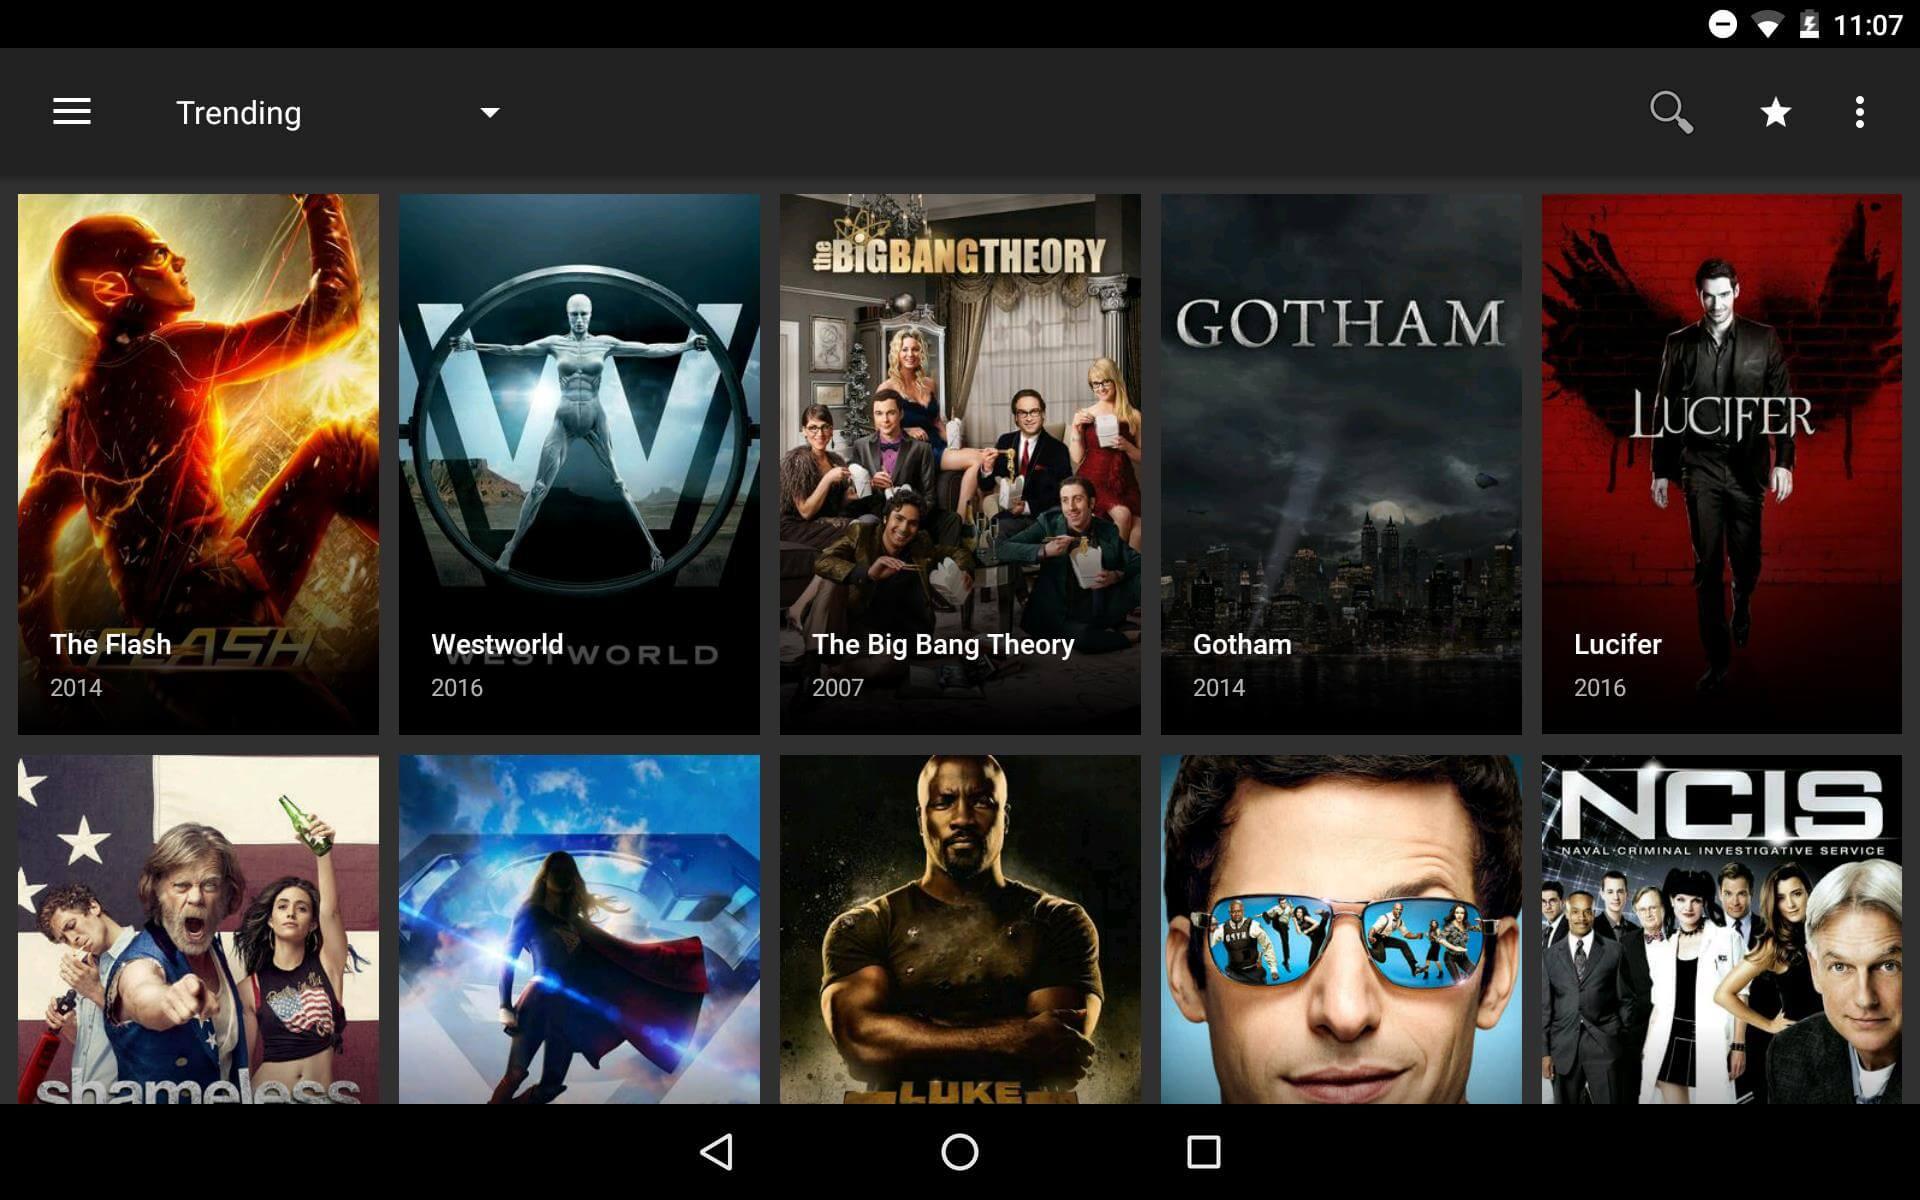 Parhaat parhaat sovellukset elokuvien ja TV-ohjelmien suoratoistoon Androidilla 3